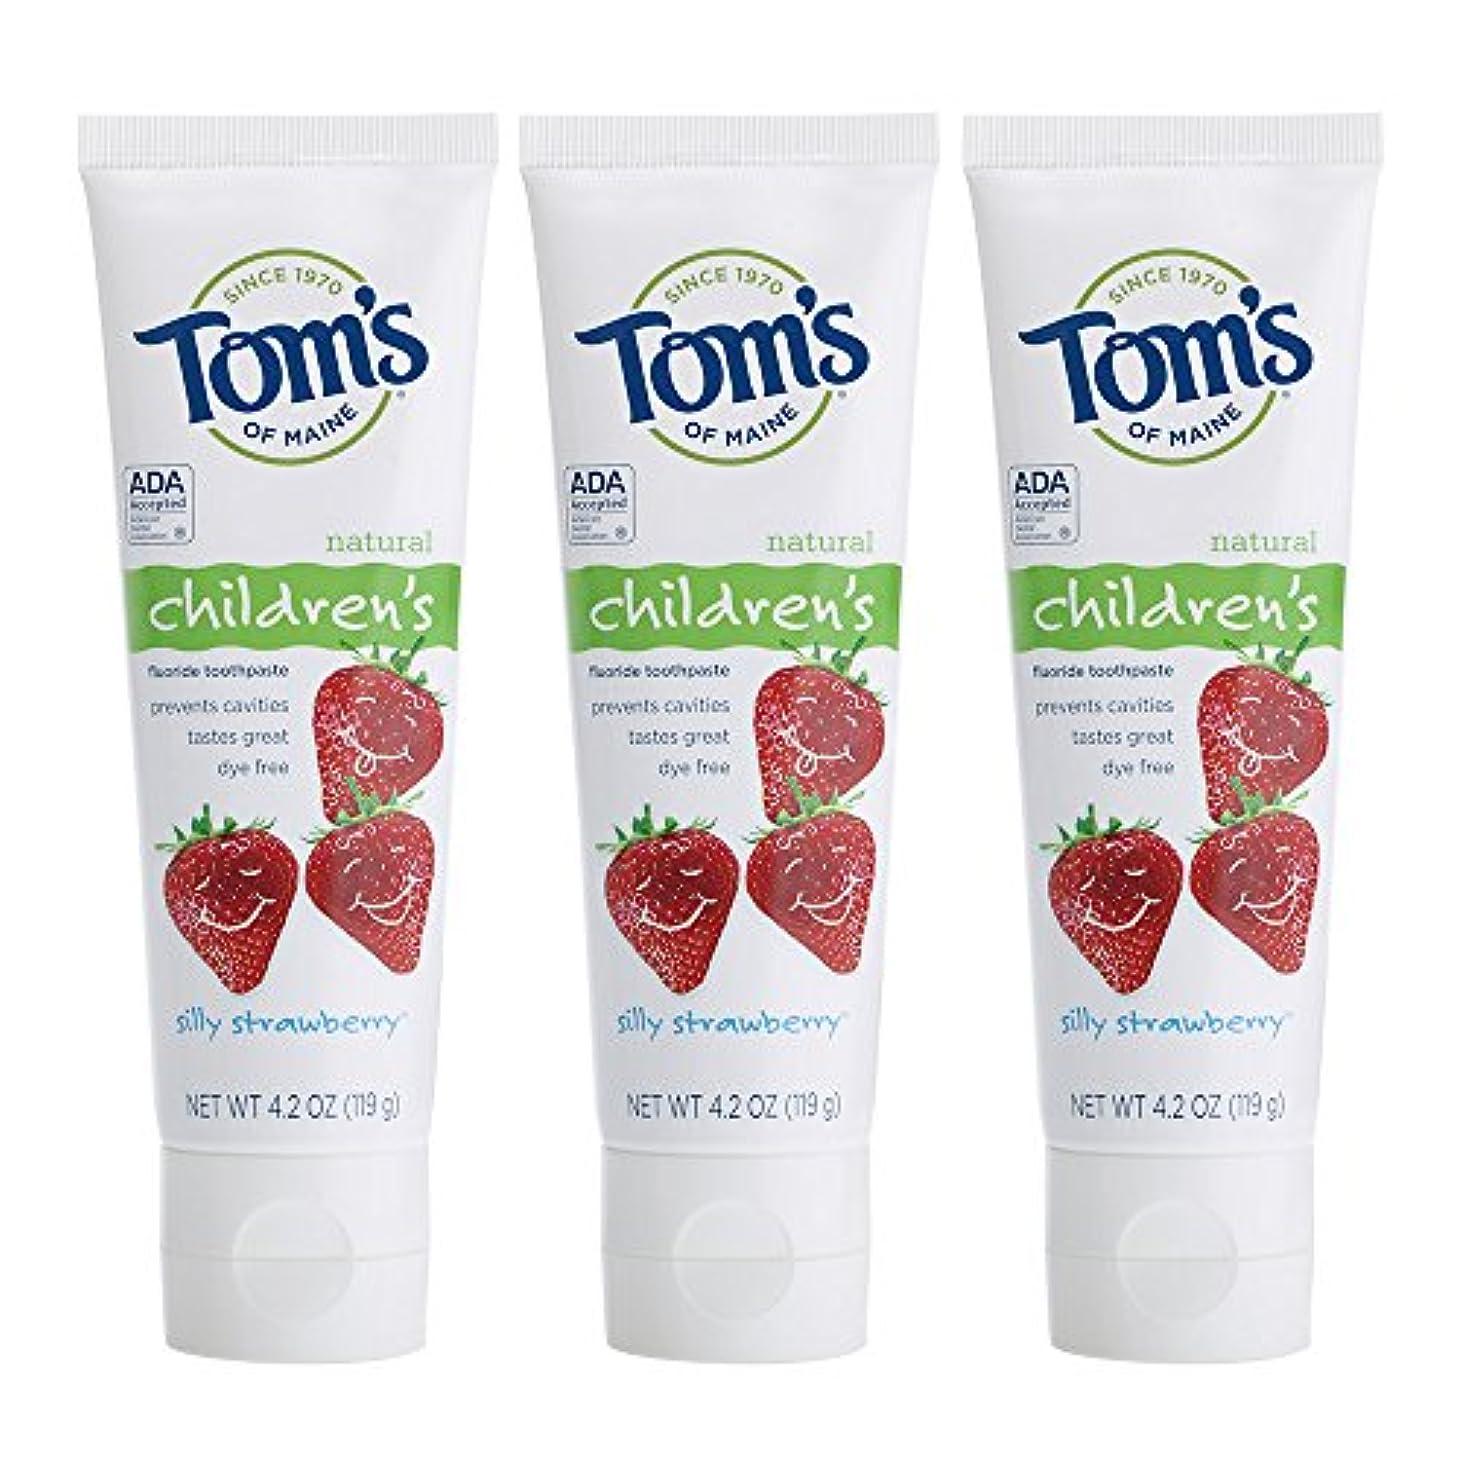 委員長海賊こしょうTom's of Maine, Natural Children's Fluoride Toothpaste, Silly Strawberry, 4.2 oz (119 g)